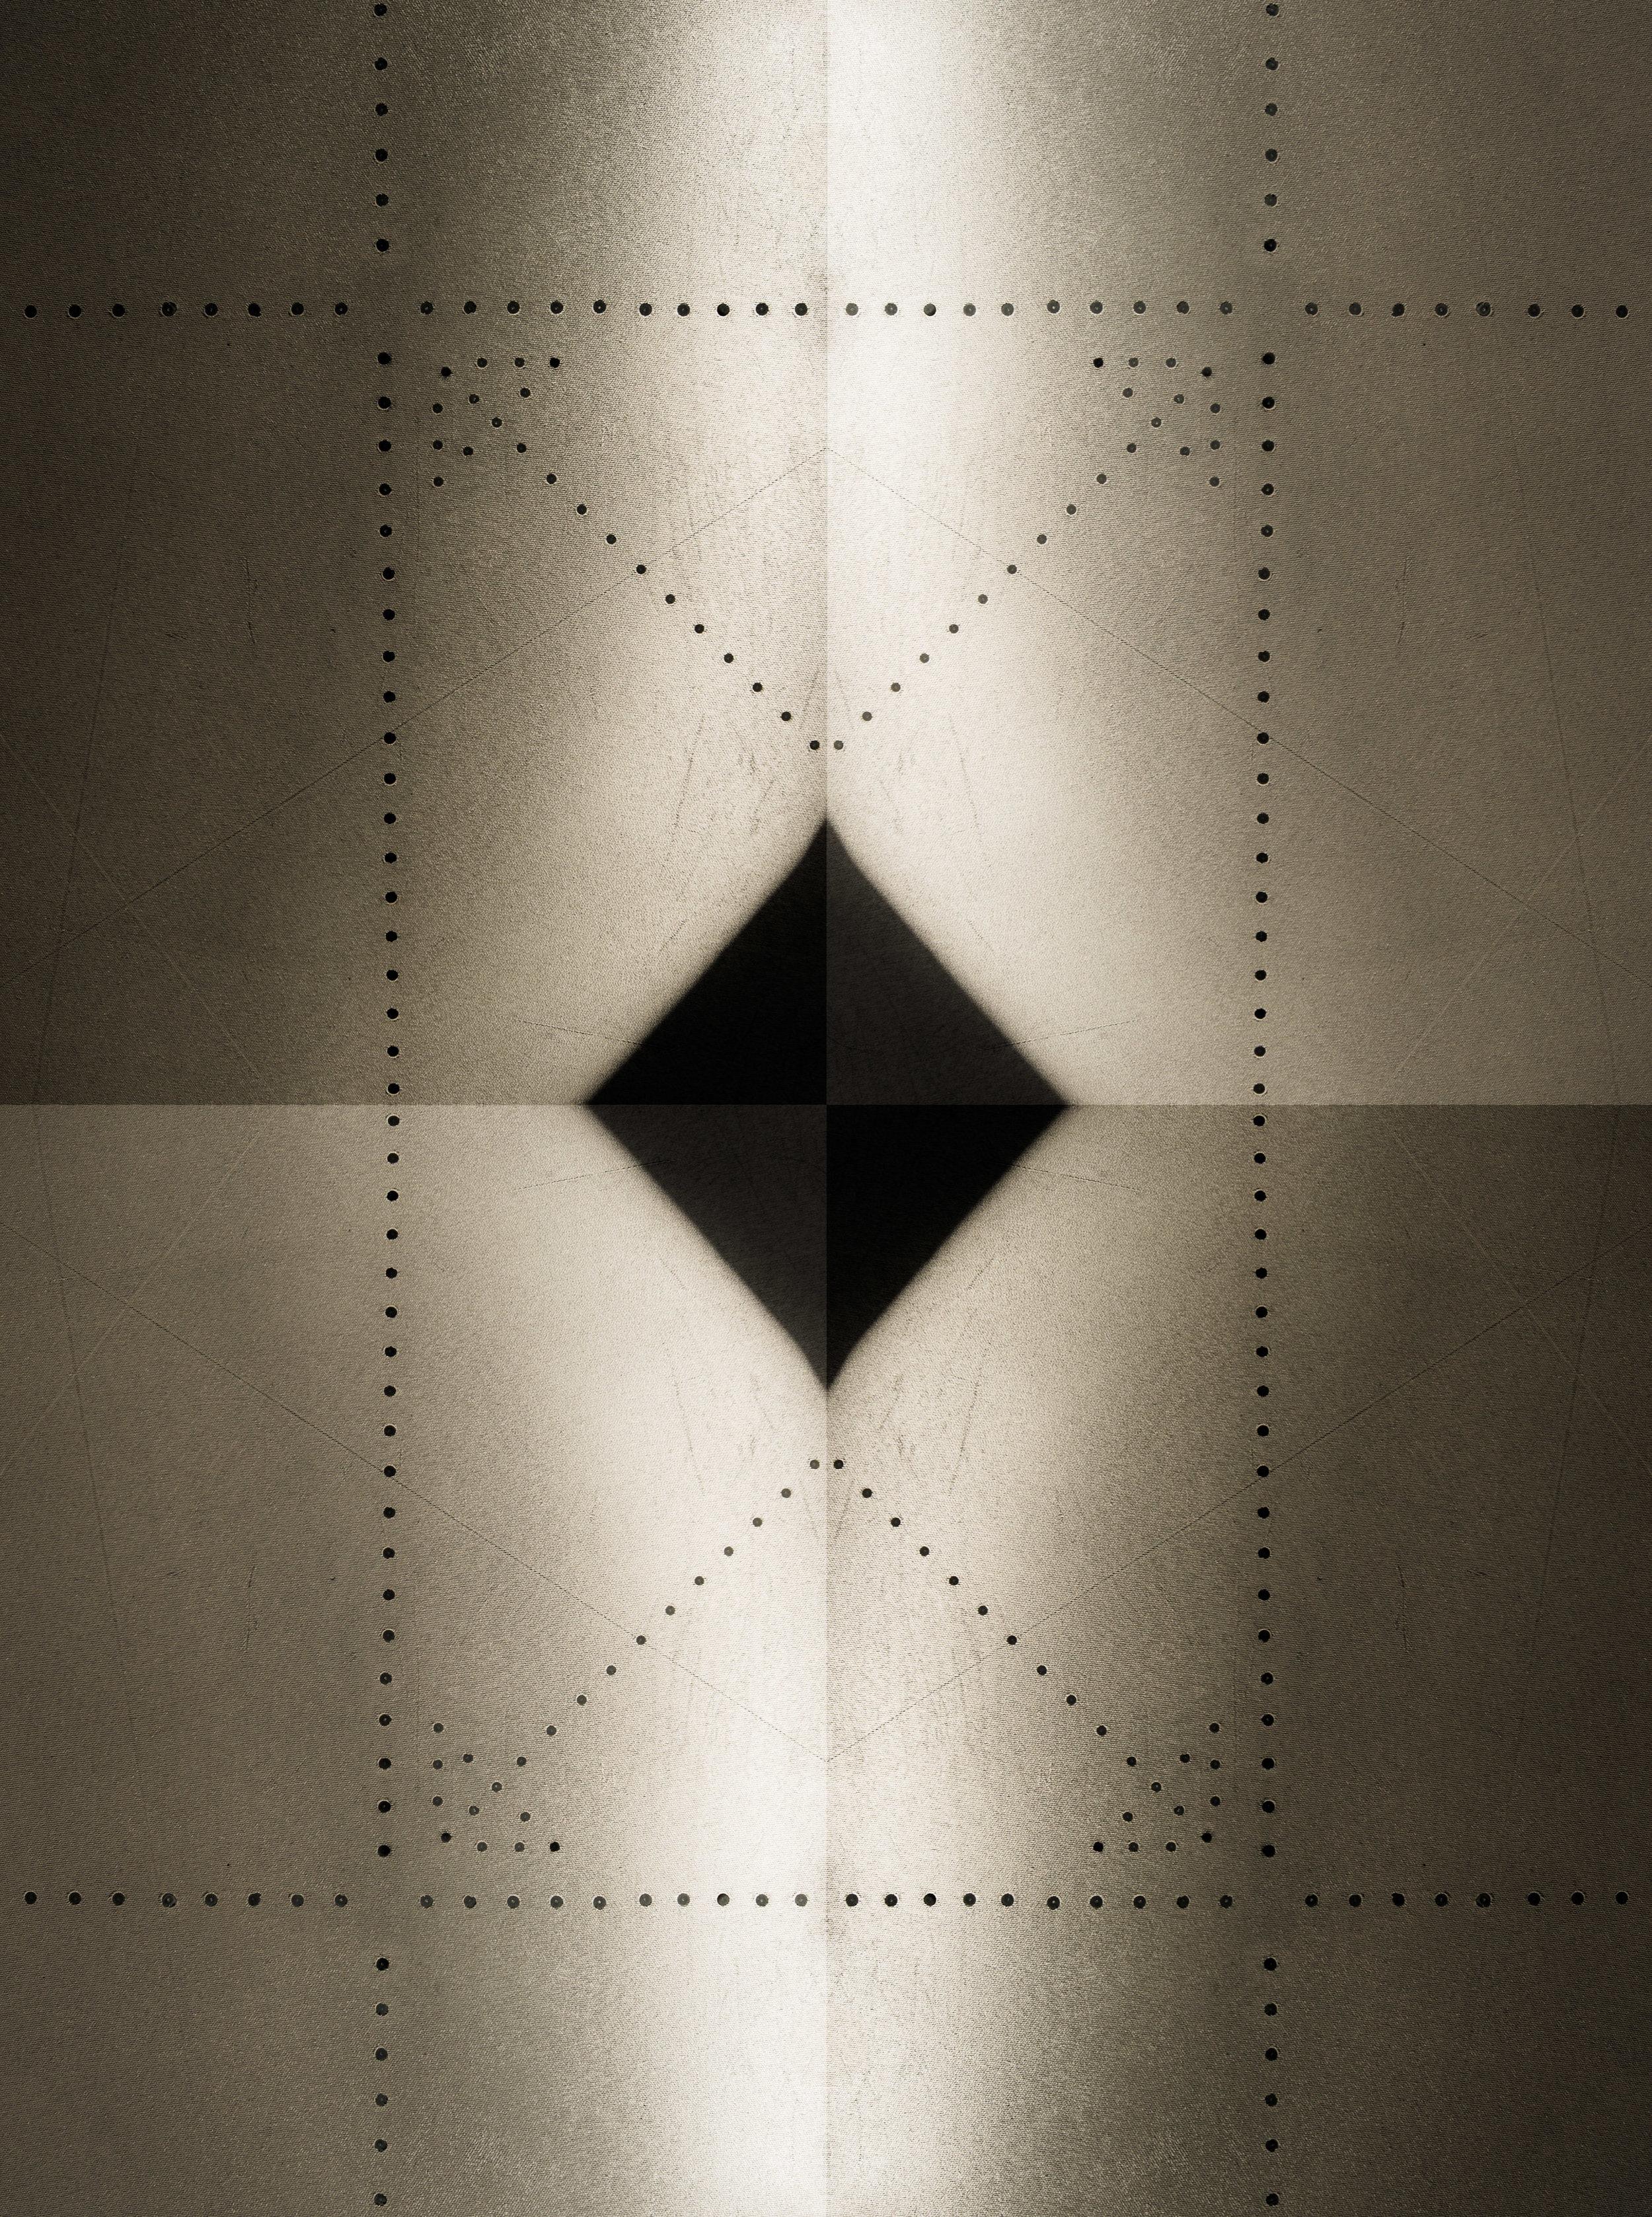 The_Grid_by_Gregg_Albracht.jpg